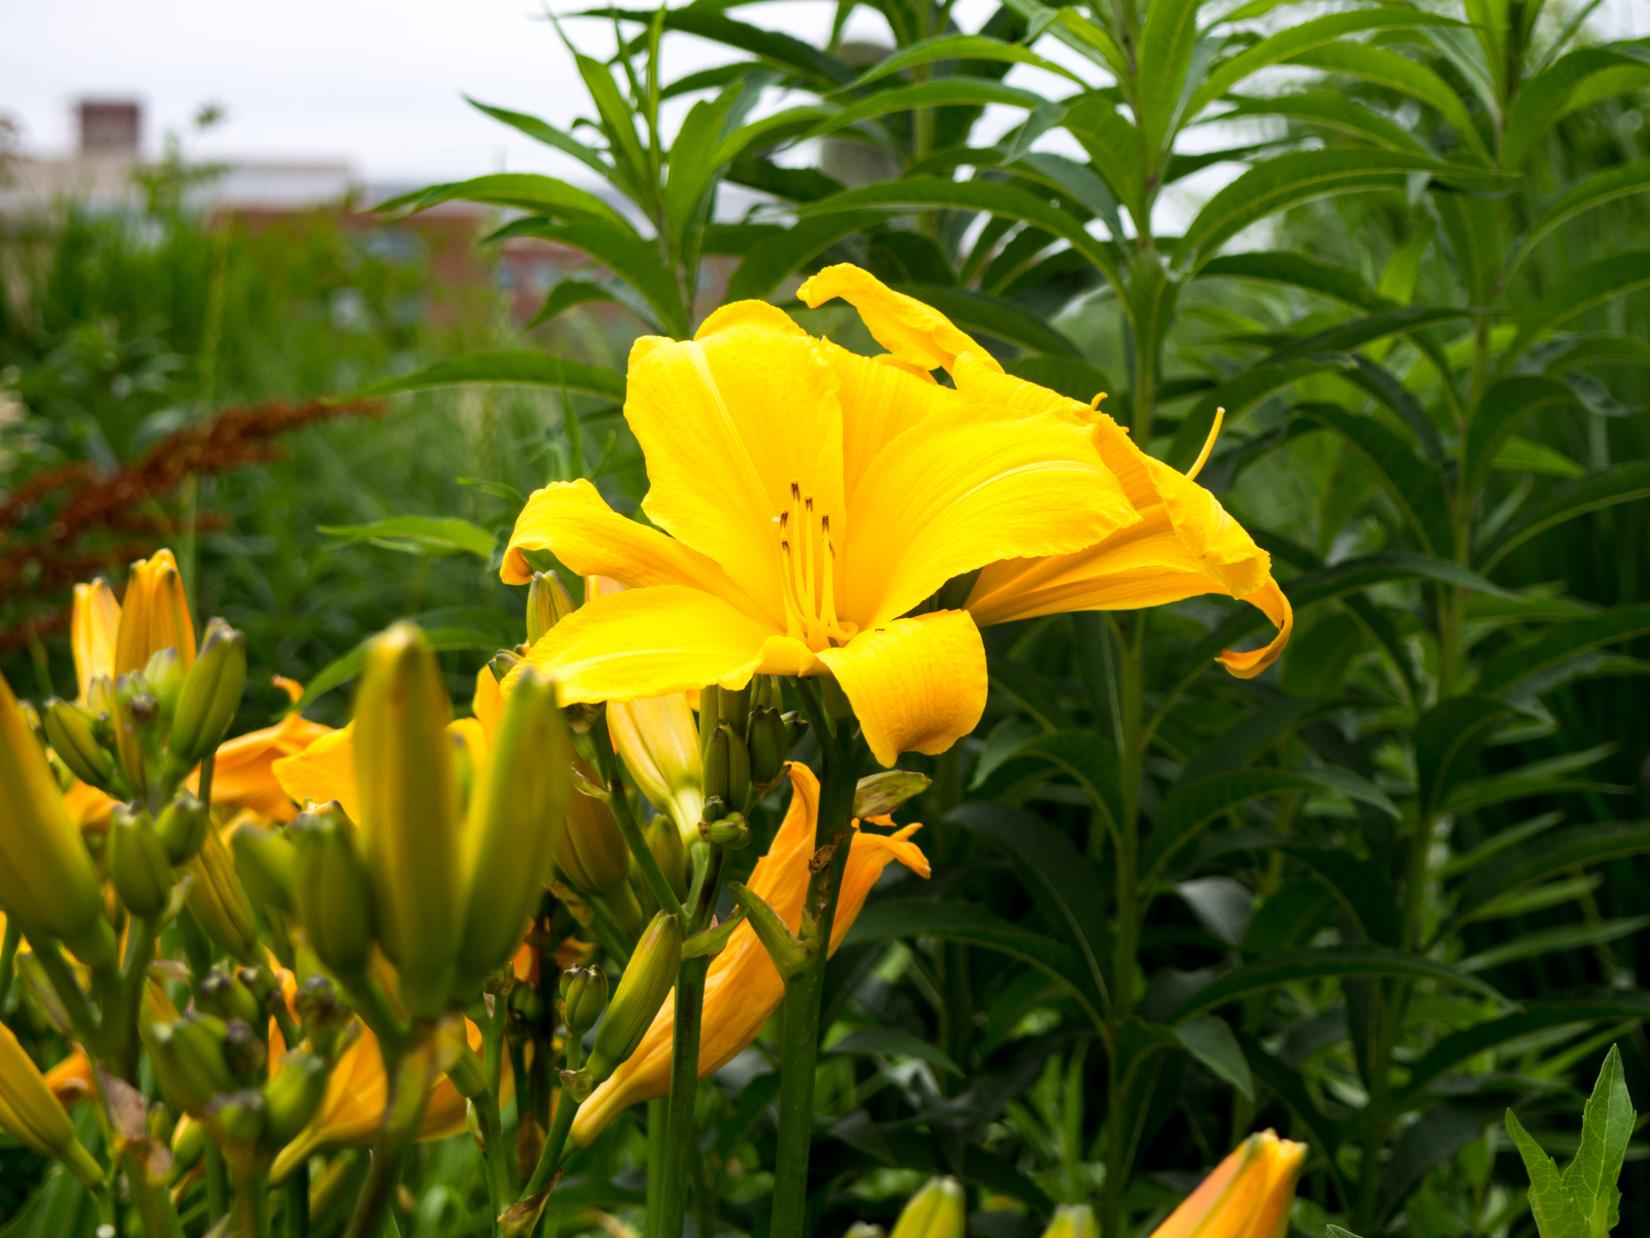 Blooming Yellow Flower in Garden